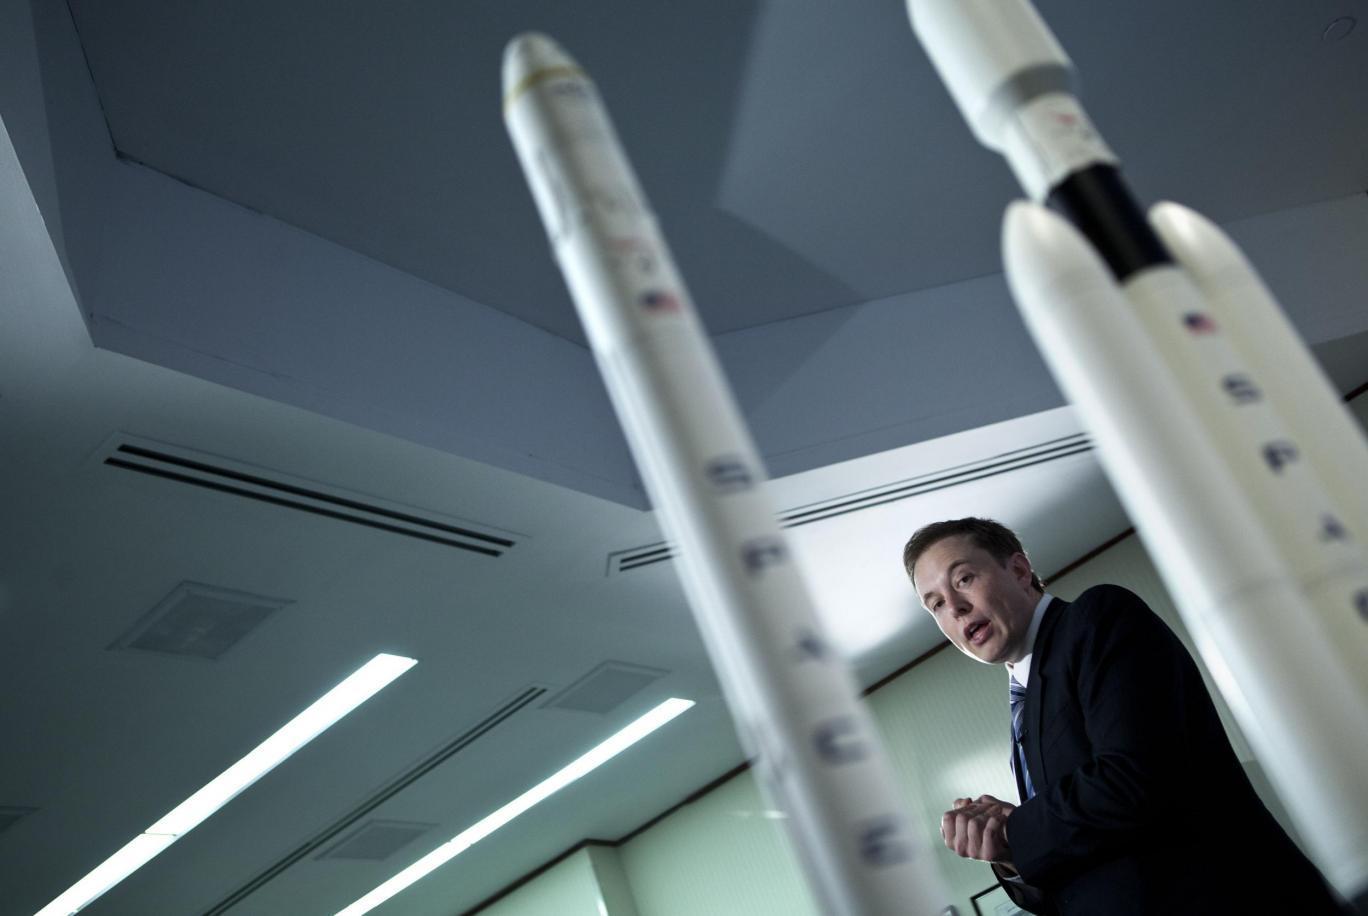 Илон Маск рассказал о том, как ему удается быть таким продуктивным - 1